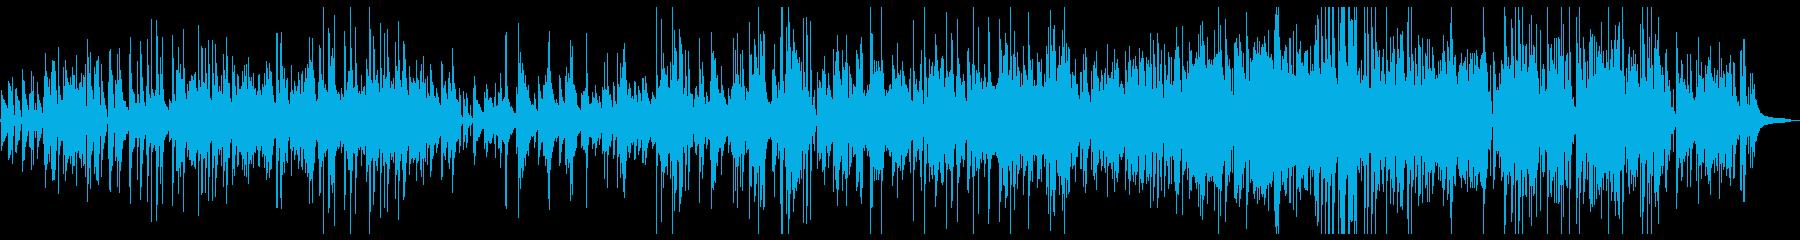 奇妙な雰囲気のシネマティックサウンドの再生済みの波形